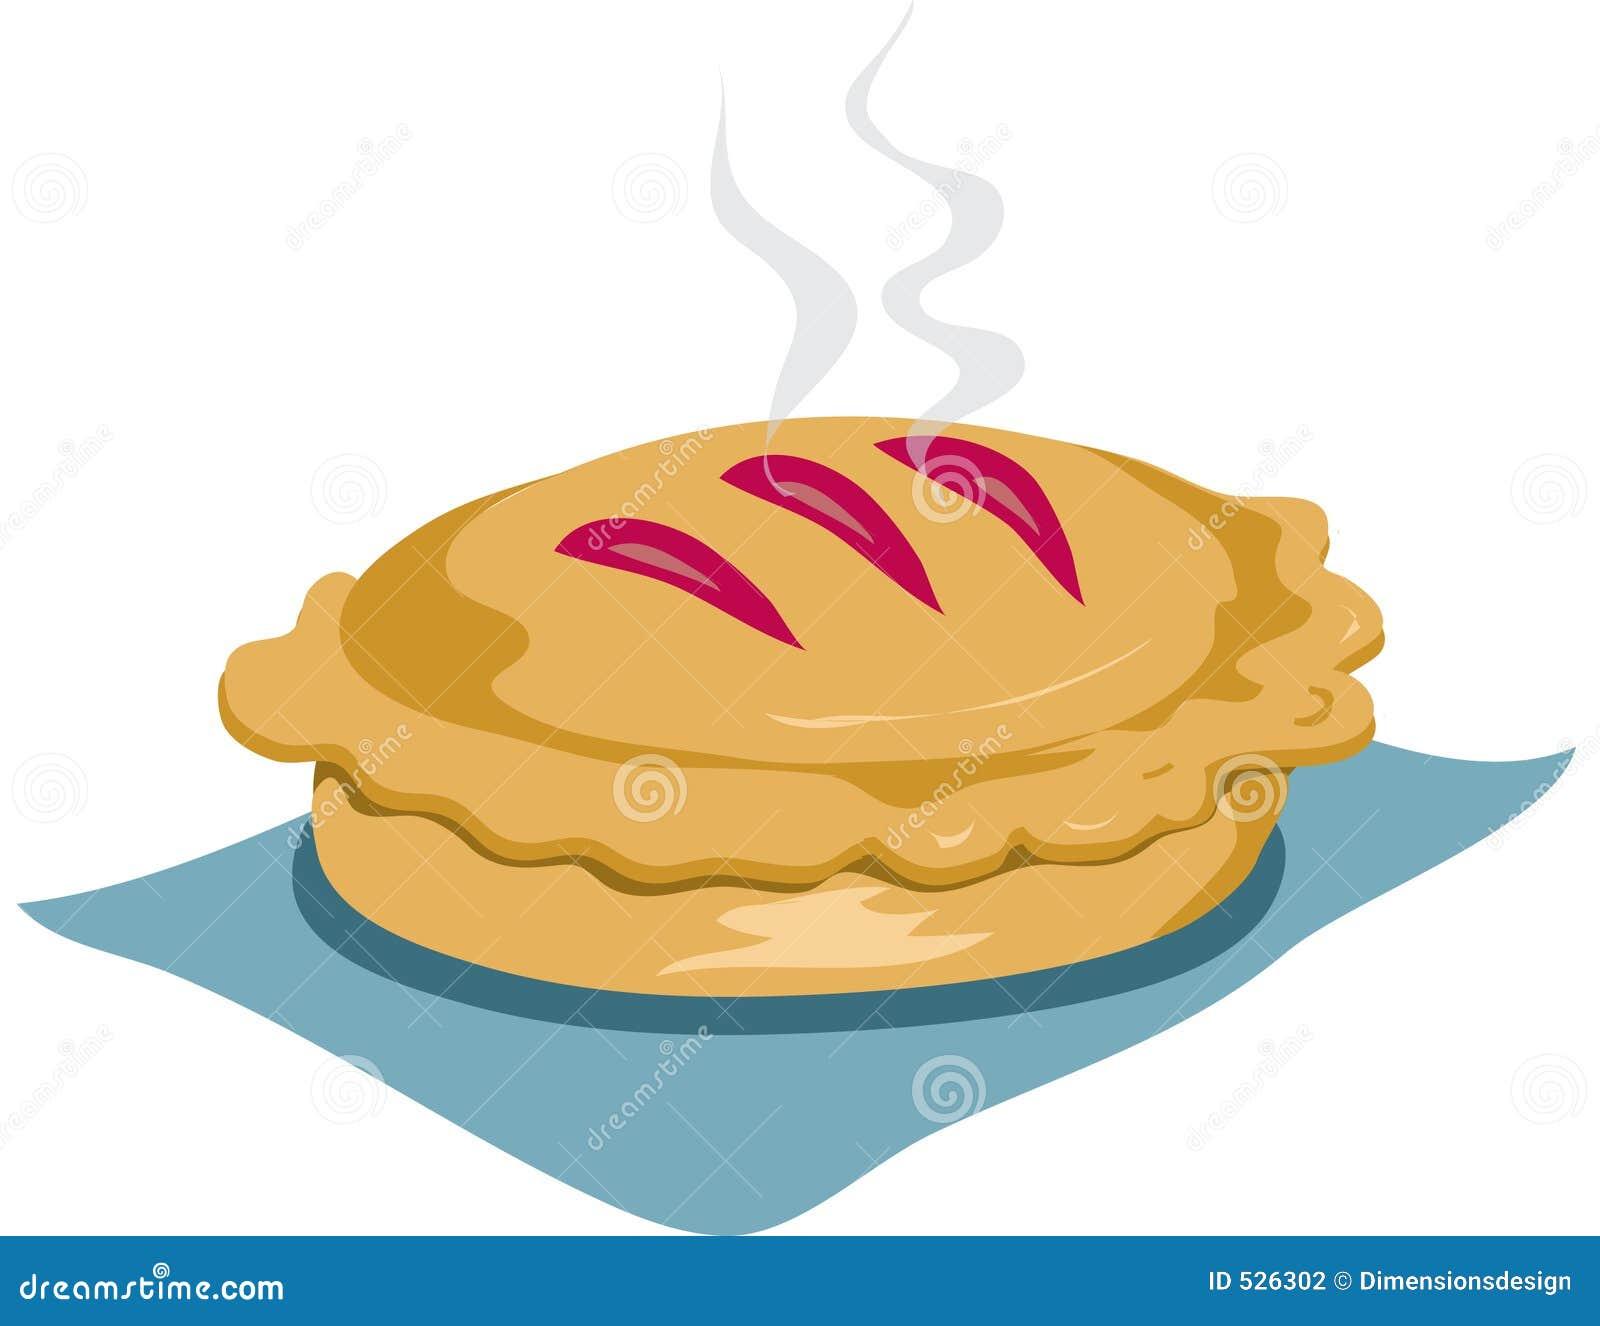 Download 被烘烤的新鲜的饼 库存例证. 插画 包括有 平底锅, 厨师, 樱桃, 祖母, 新鲜, 点心, 申请人, 温暖 - 526302